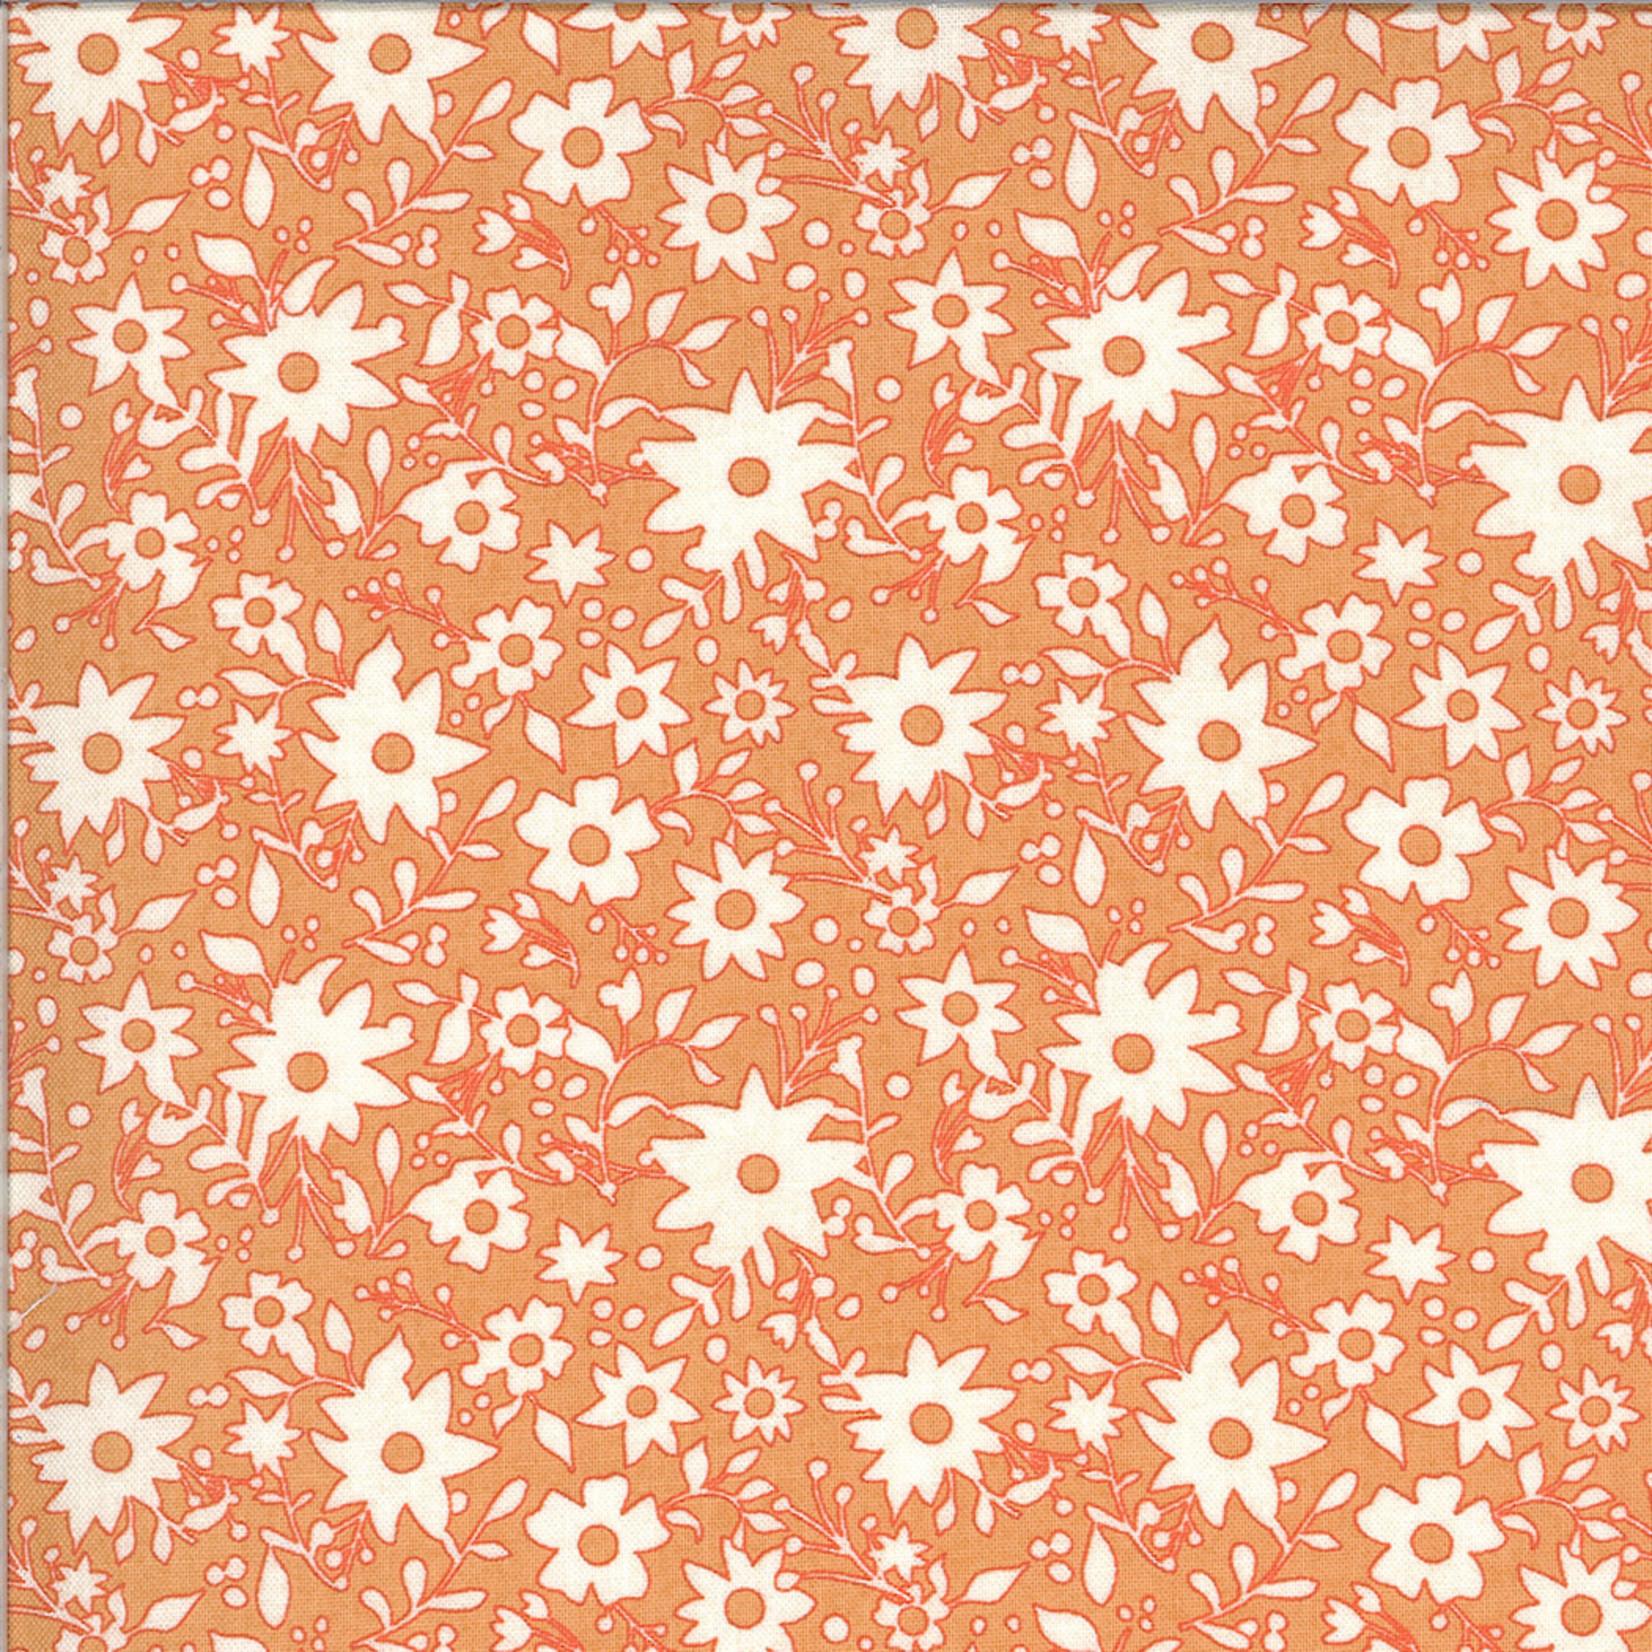 MODA Cider, White Flowers on Orange Cobbler (30645 12) per cm or $20/m